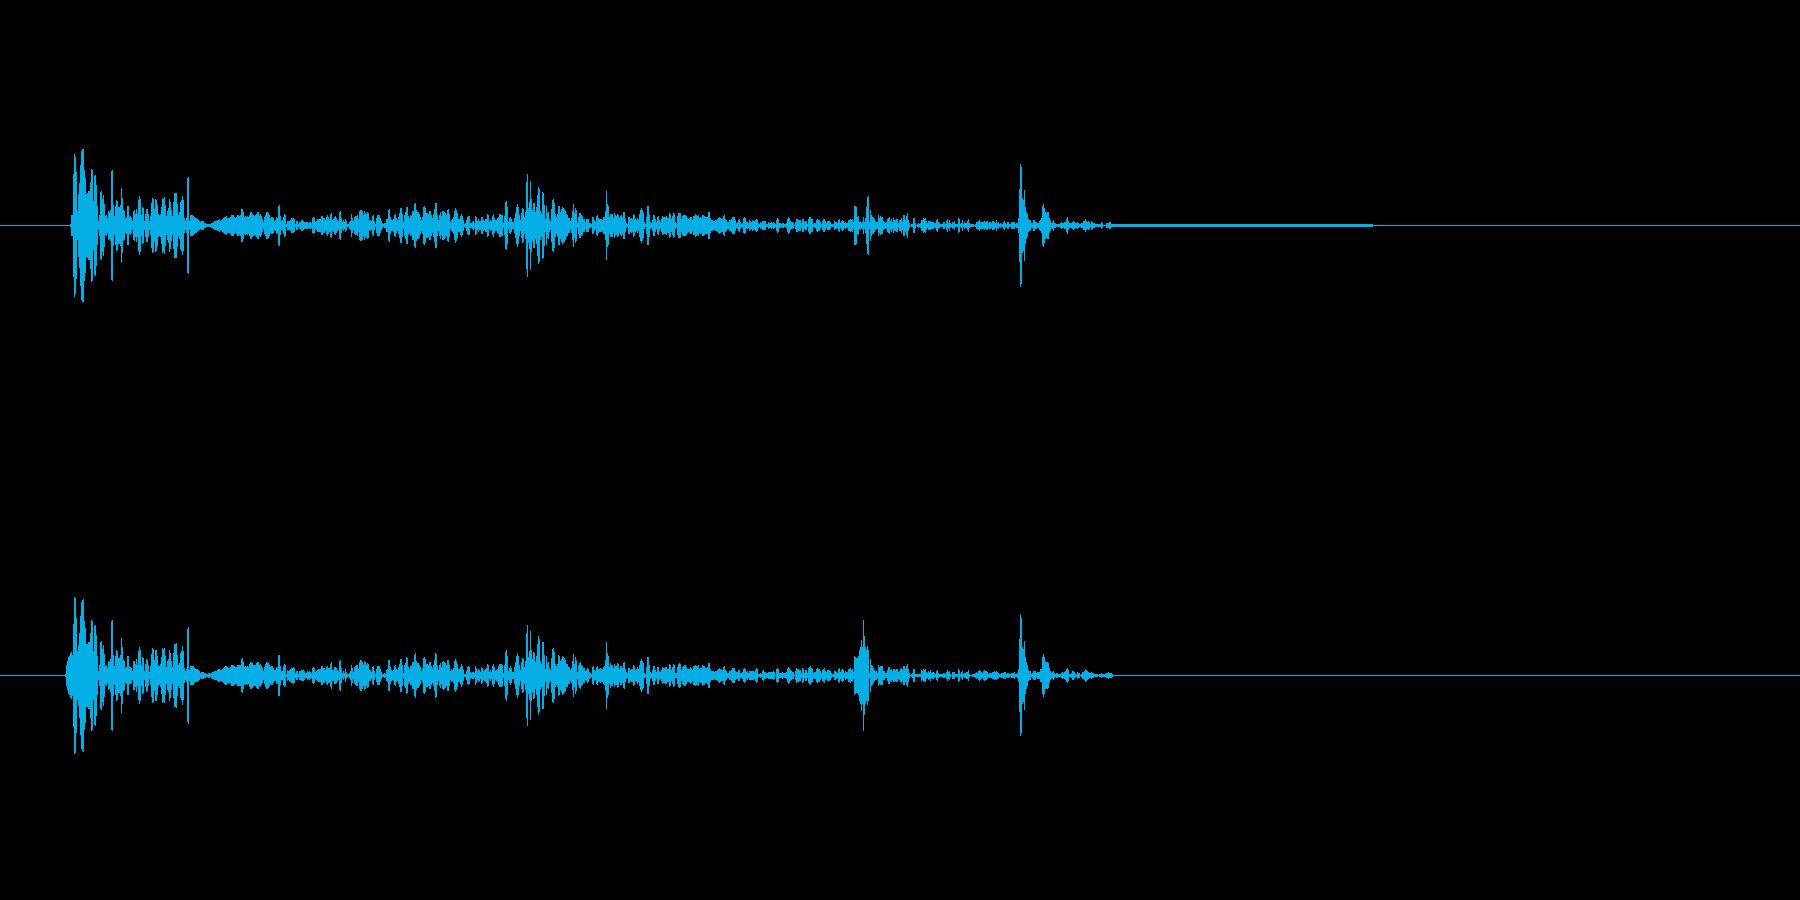 キュルル(物音・足音)の再生済みの波形